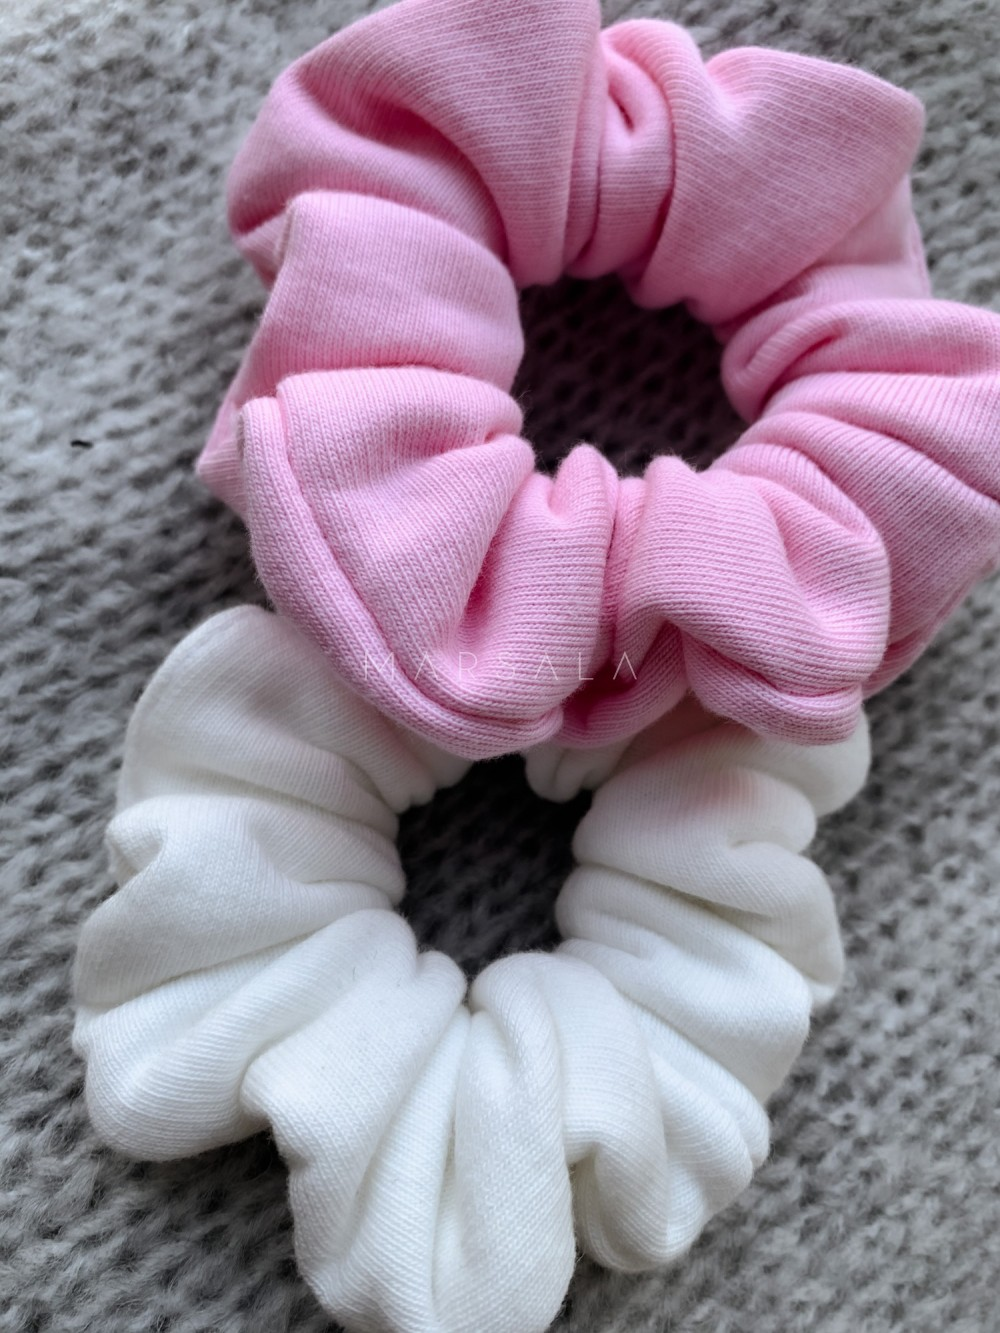 Gumka/frotka do włosów z dzianiny dresowej w kolorze barbie pink EMI by MARSALA